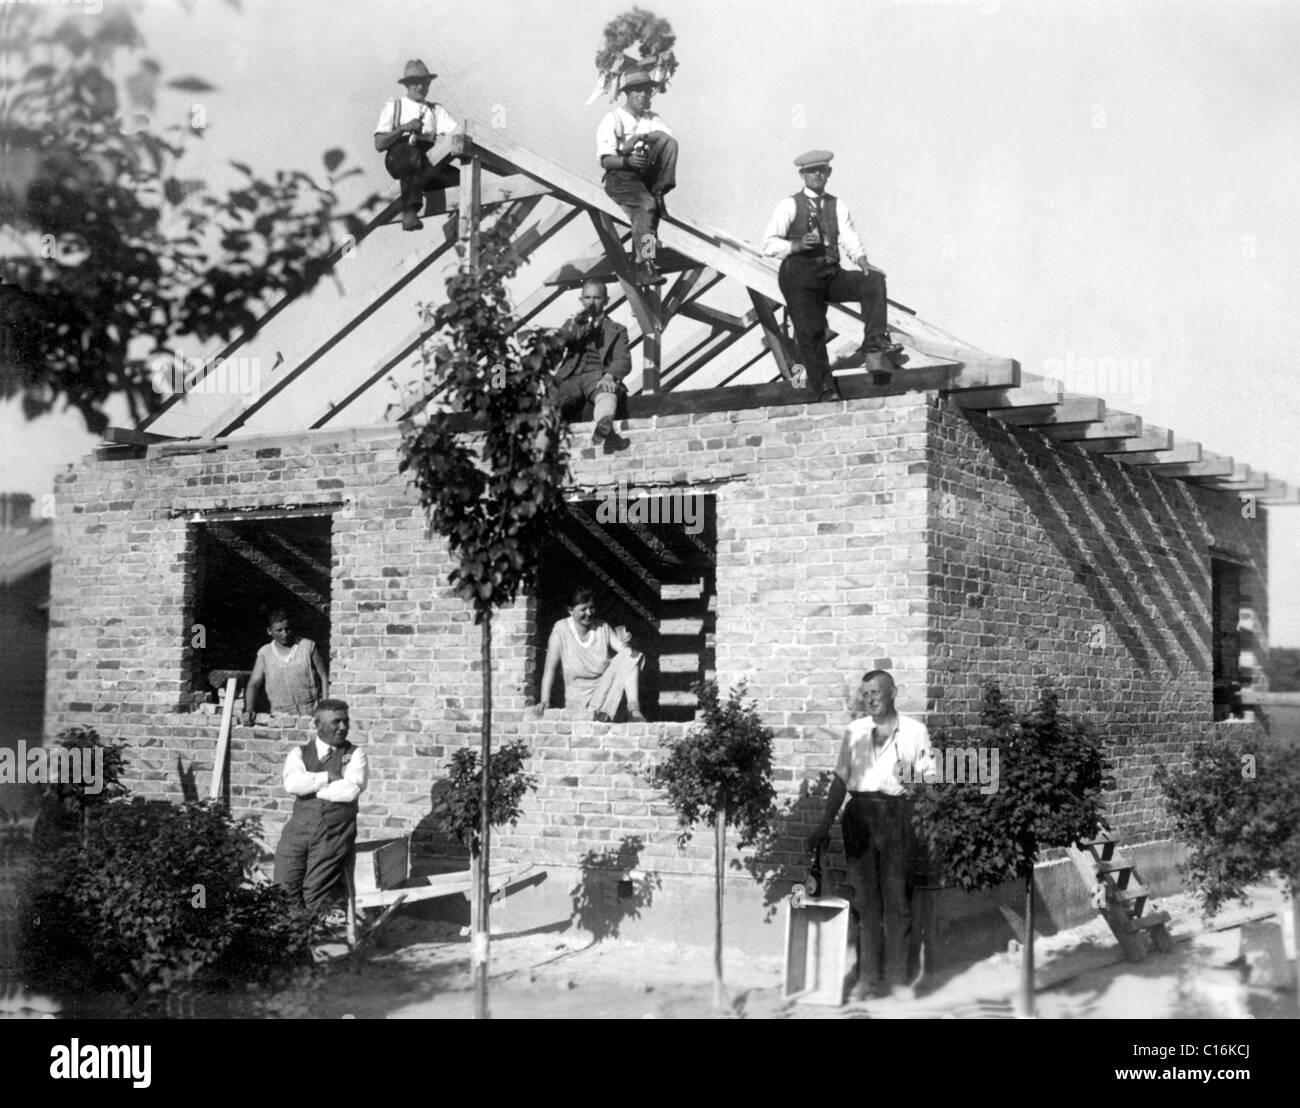 Historisches Foto, Bedachung Zeremonie in den dreißiger Jahren Stockbild